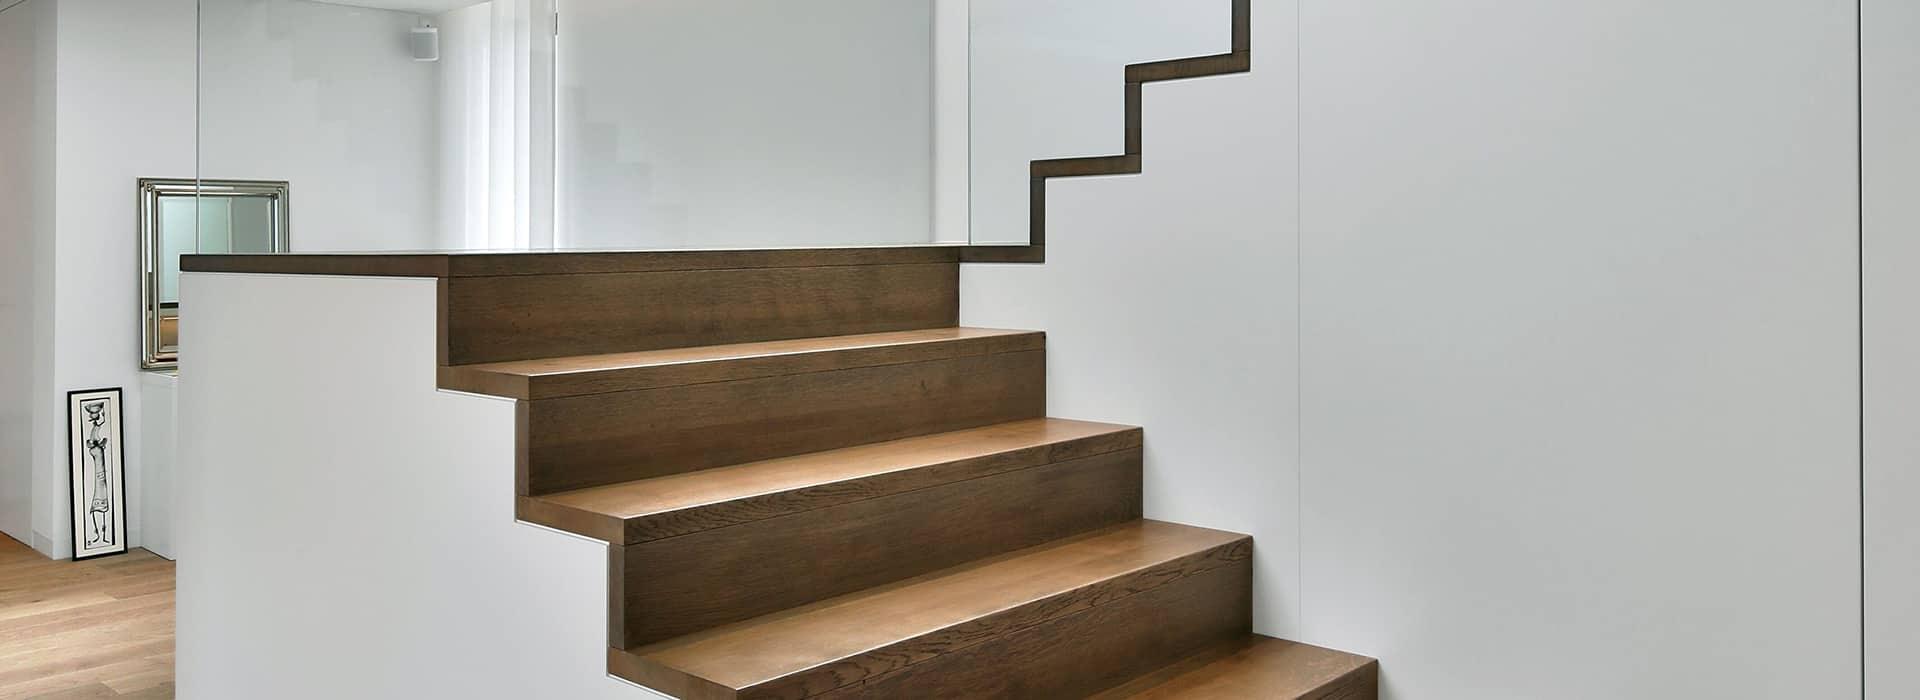 Moderne Treppe ohne Geländer